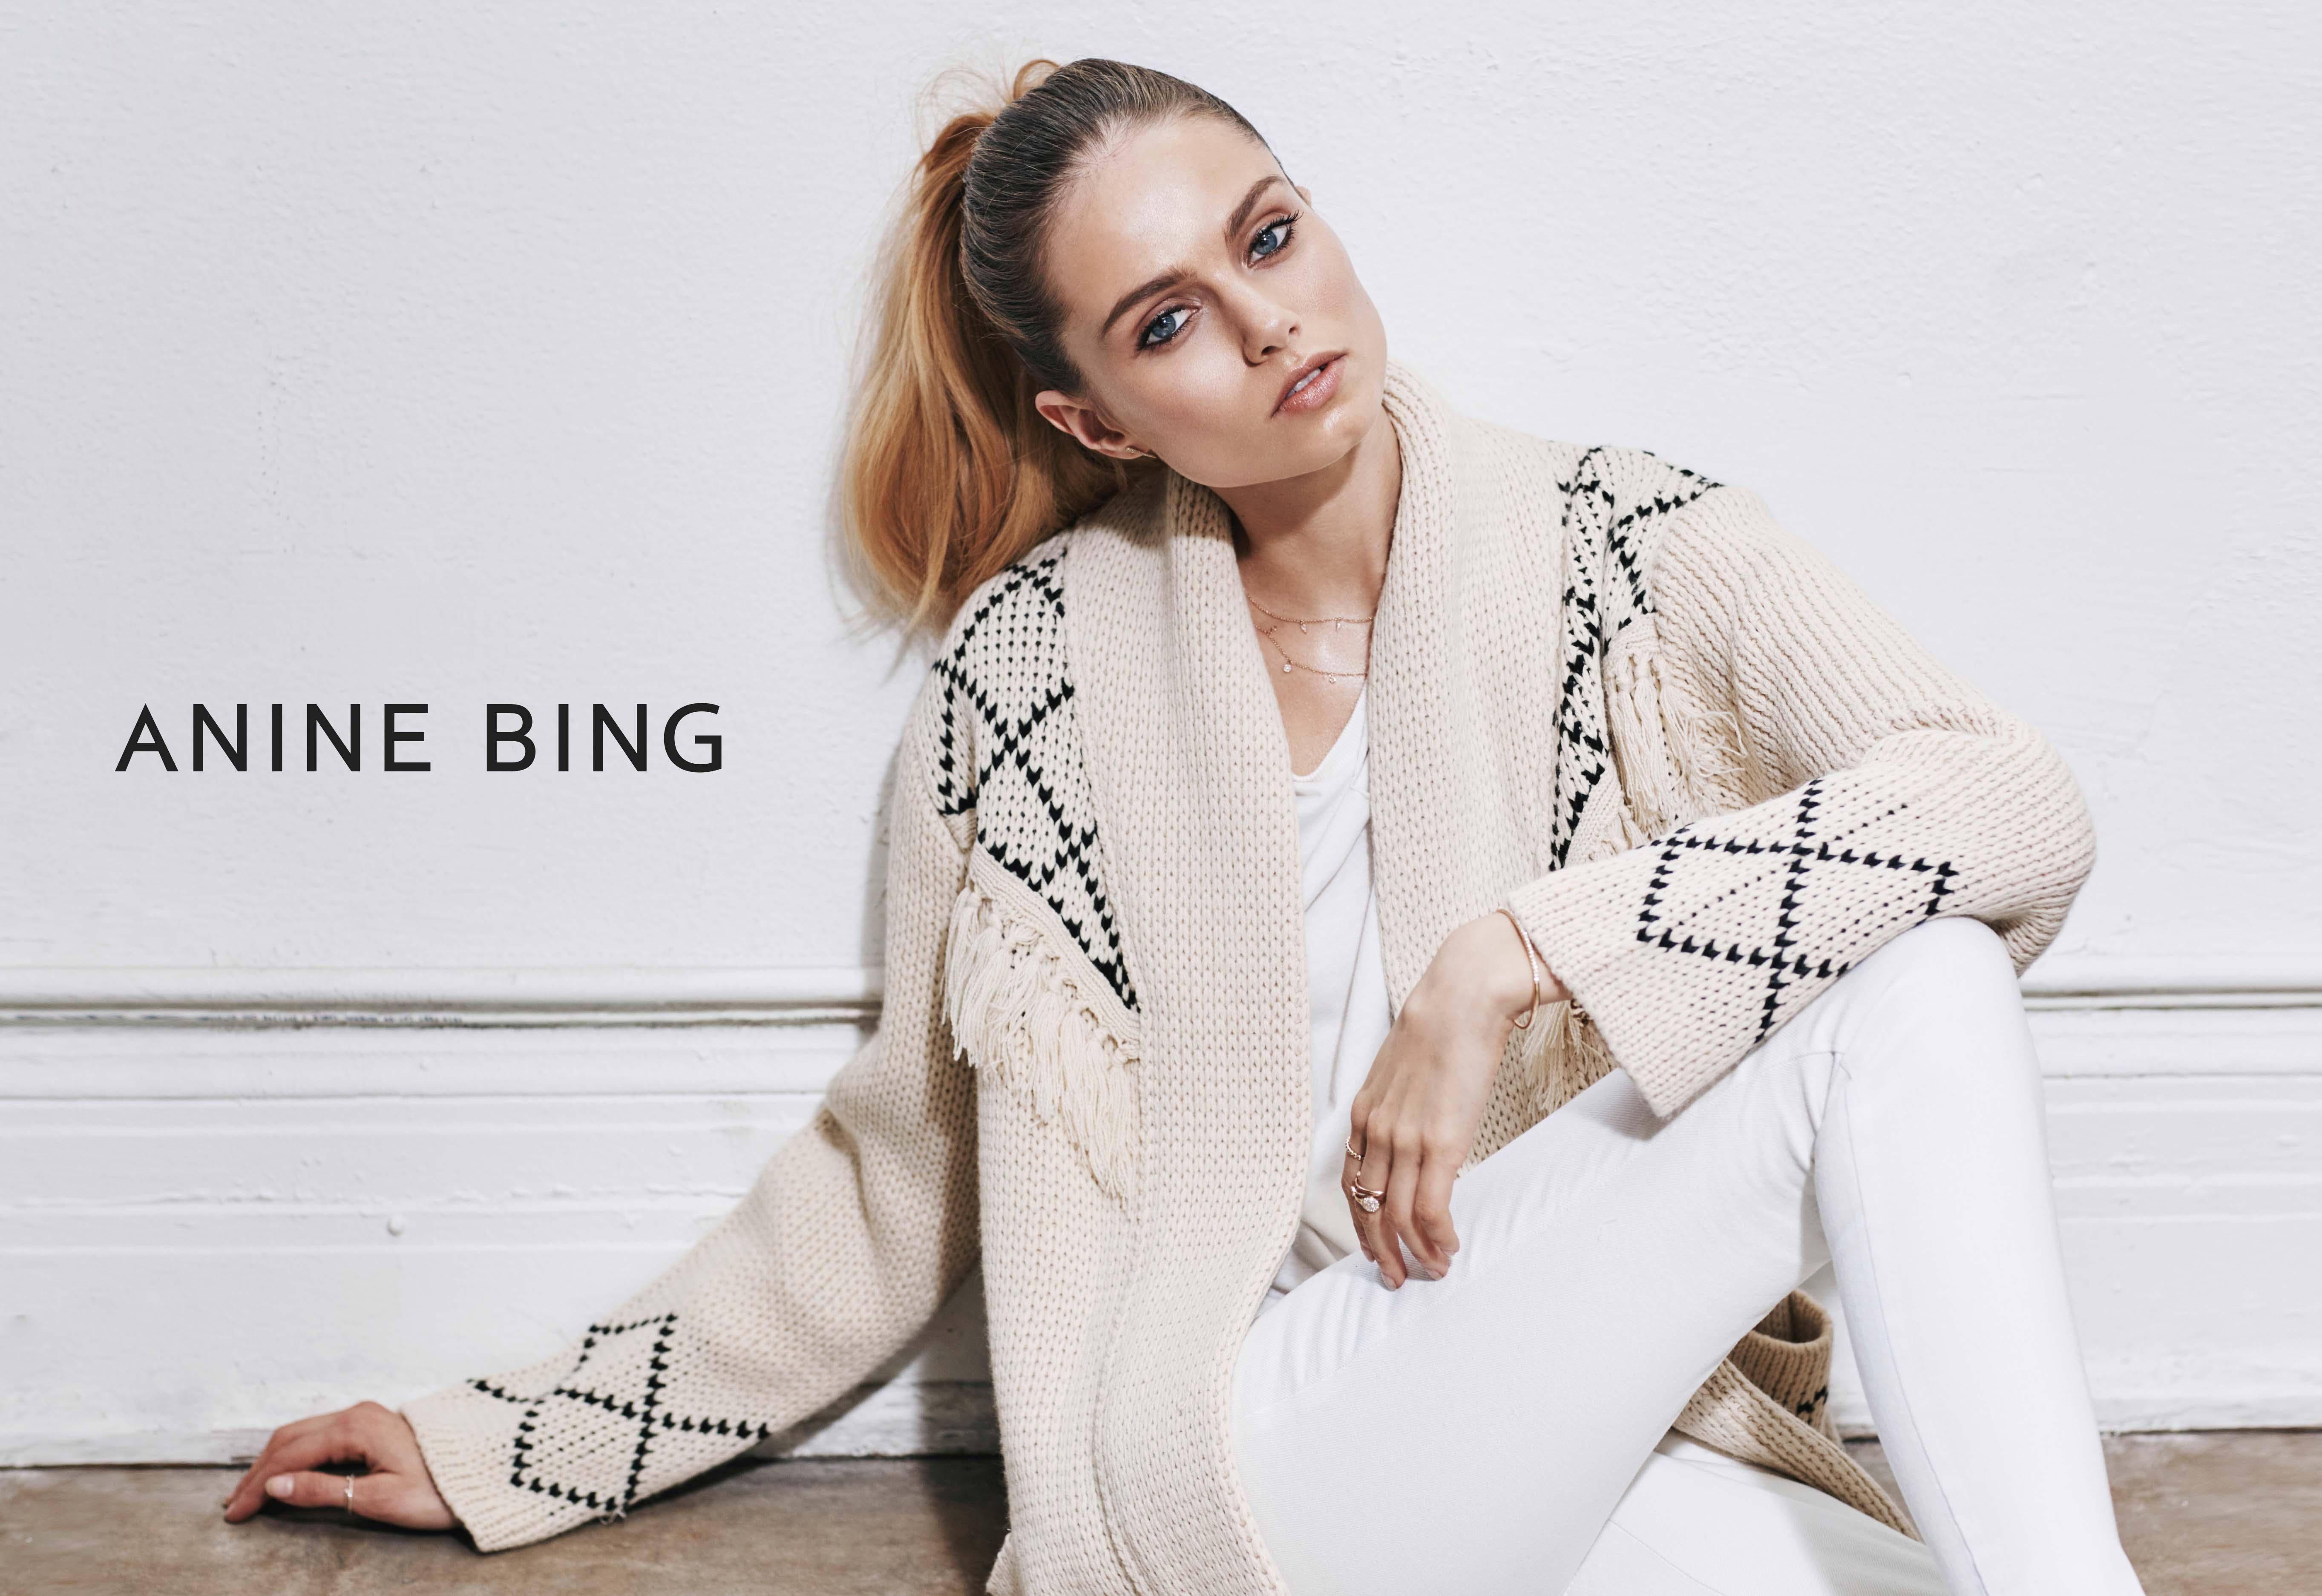 ANINE-BING-FEBRUARY-3